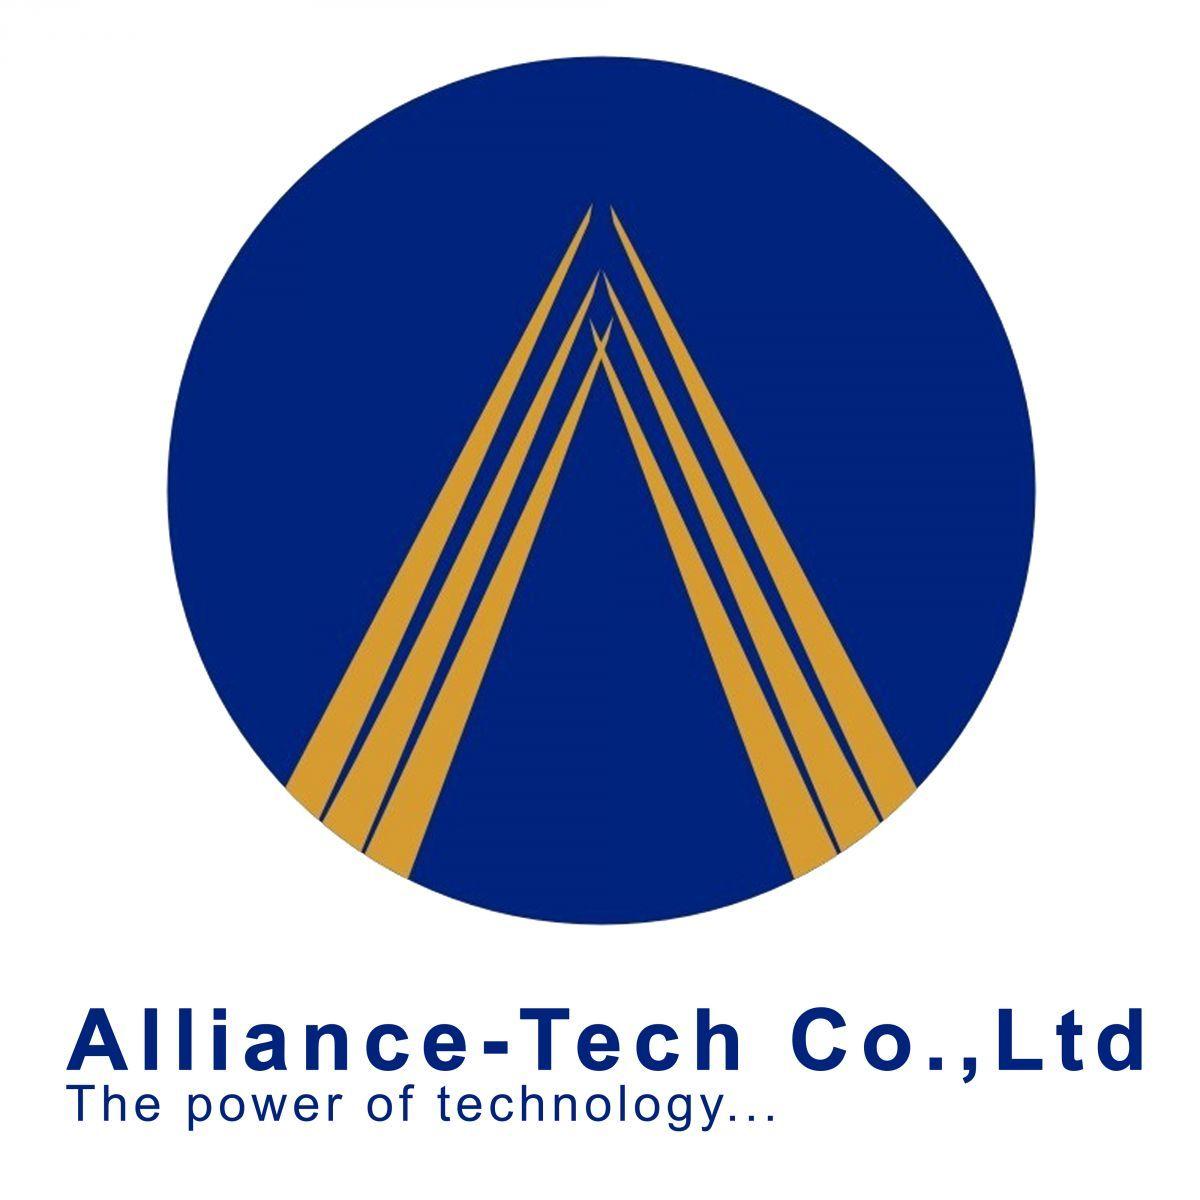 Alliance-Tech